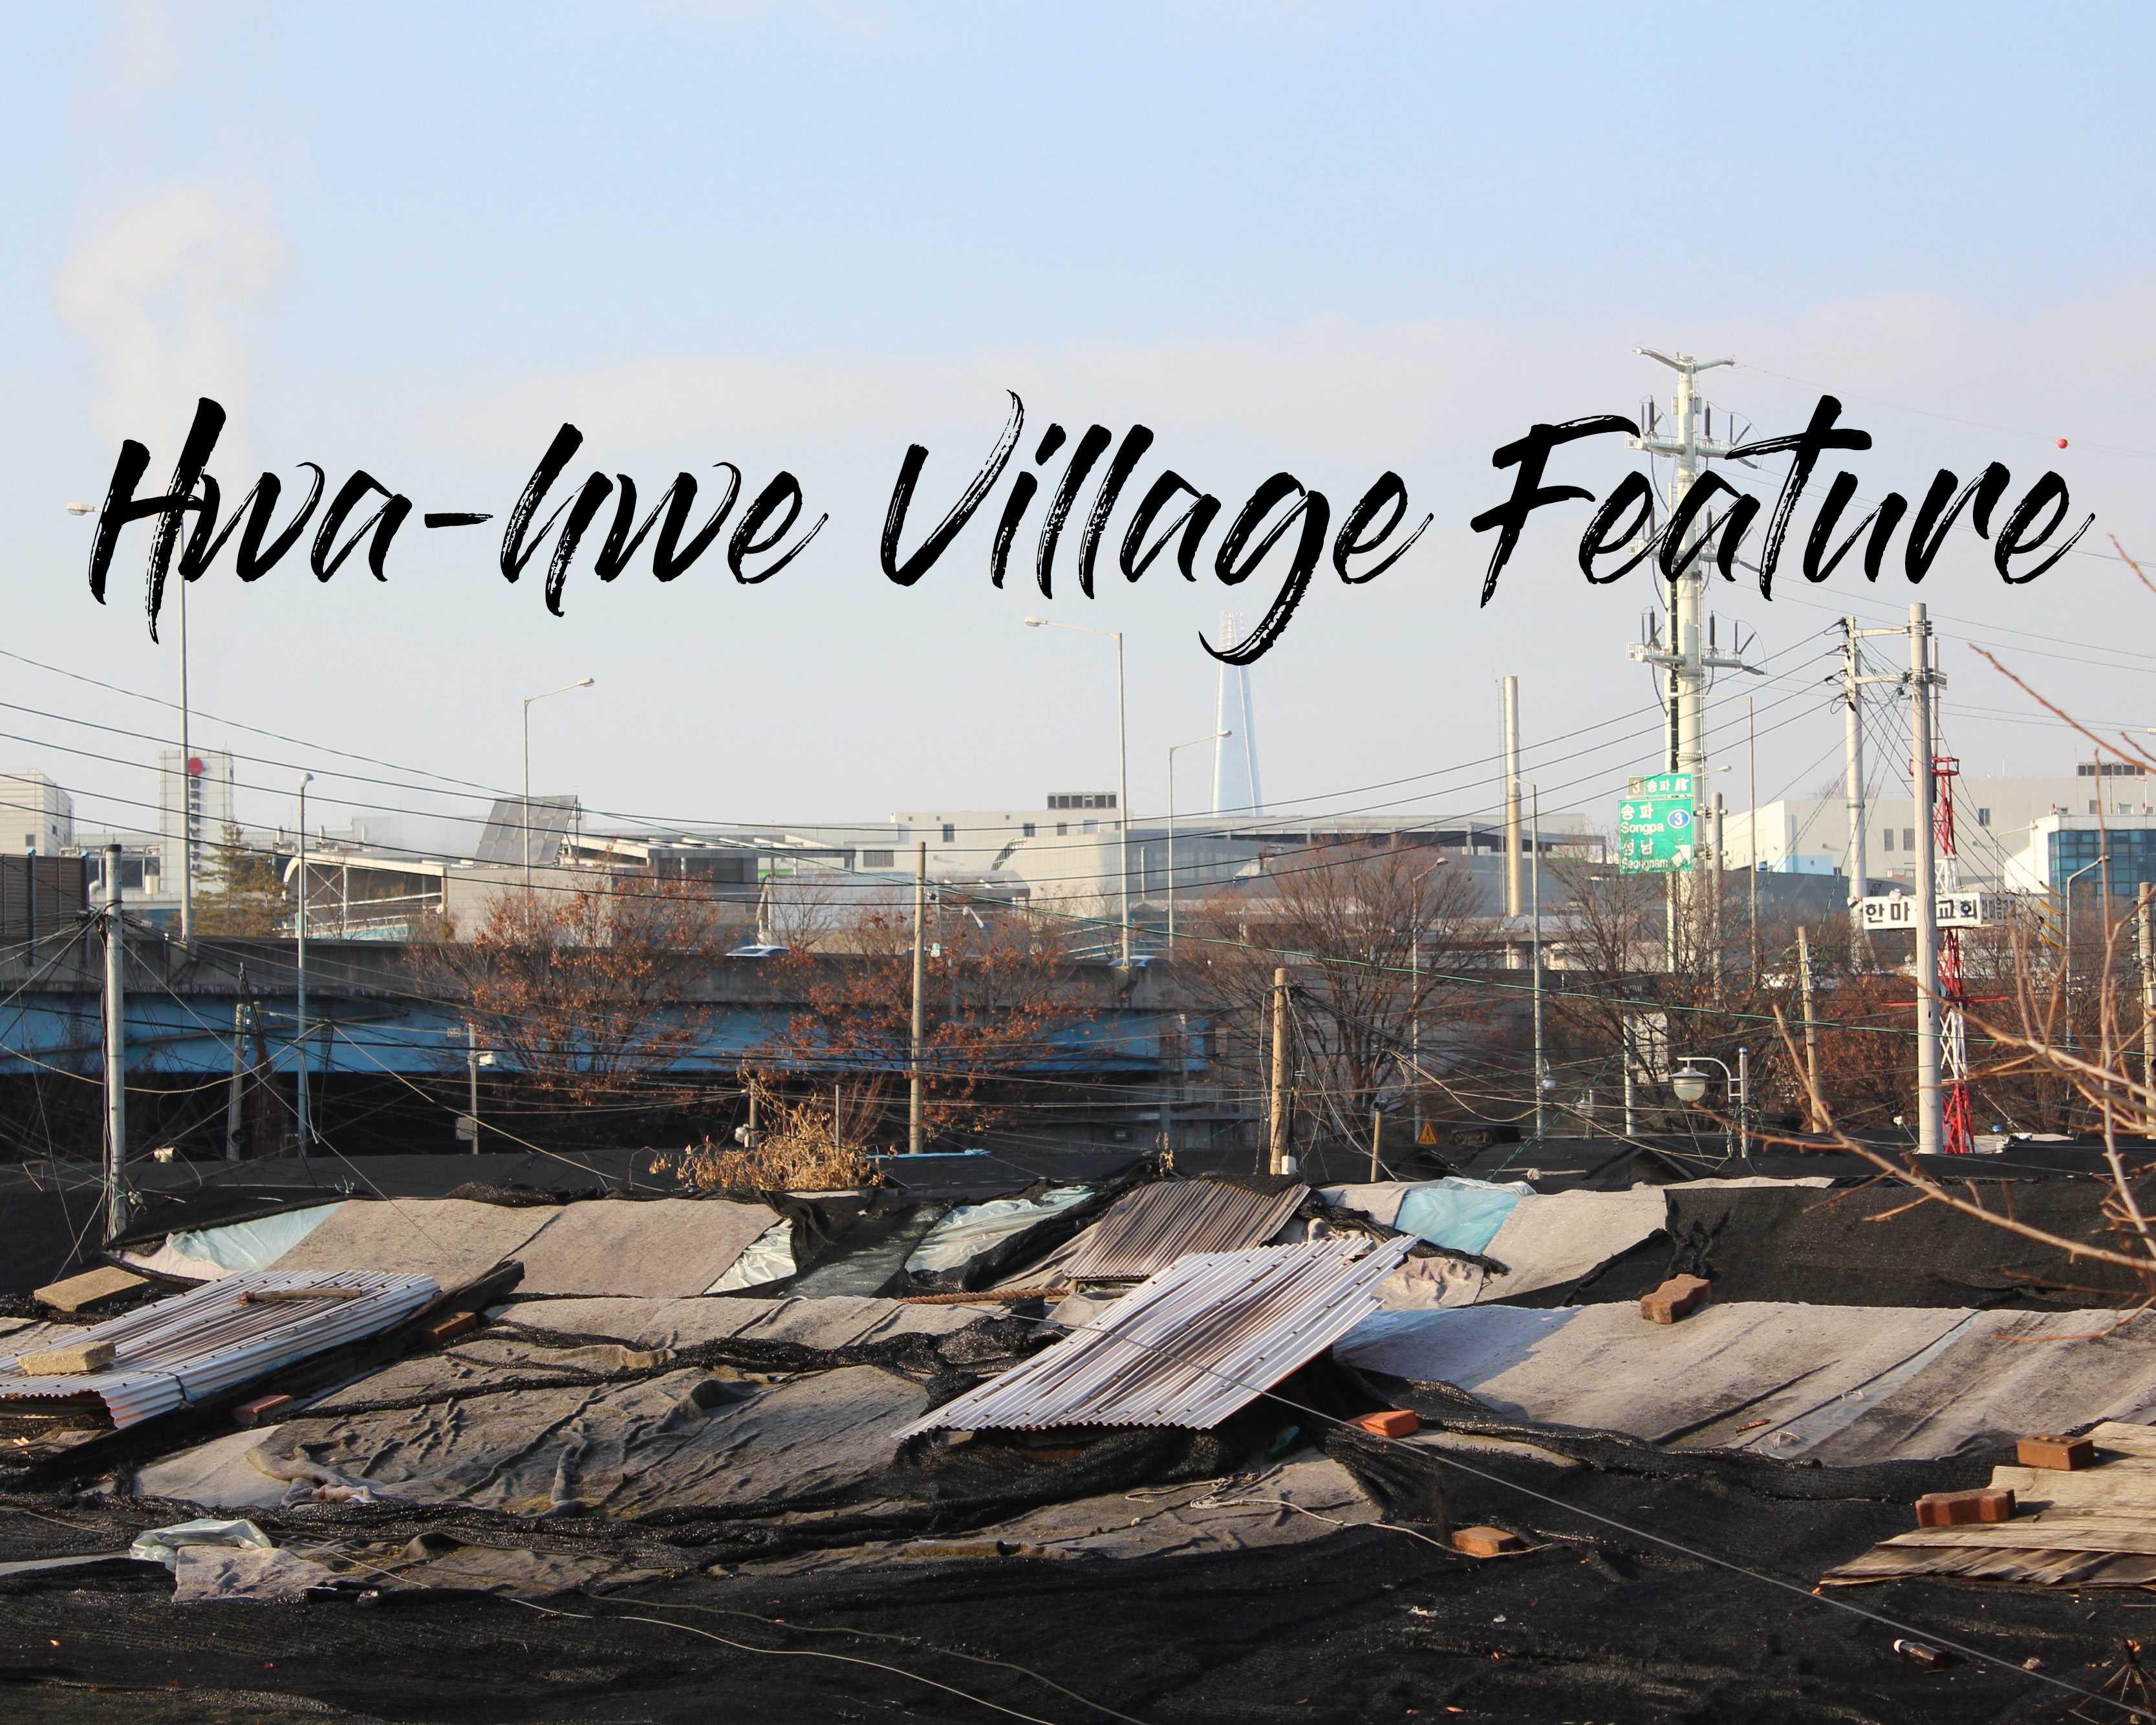 Hwa-hwe Village Feature: Our Neighbors Next Door